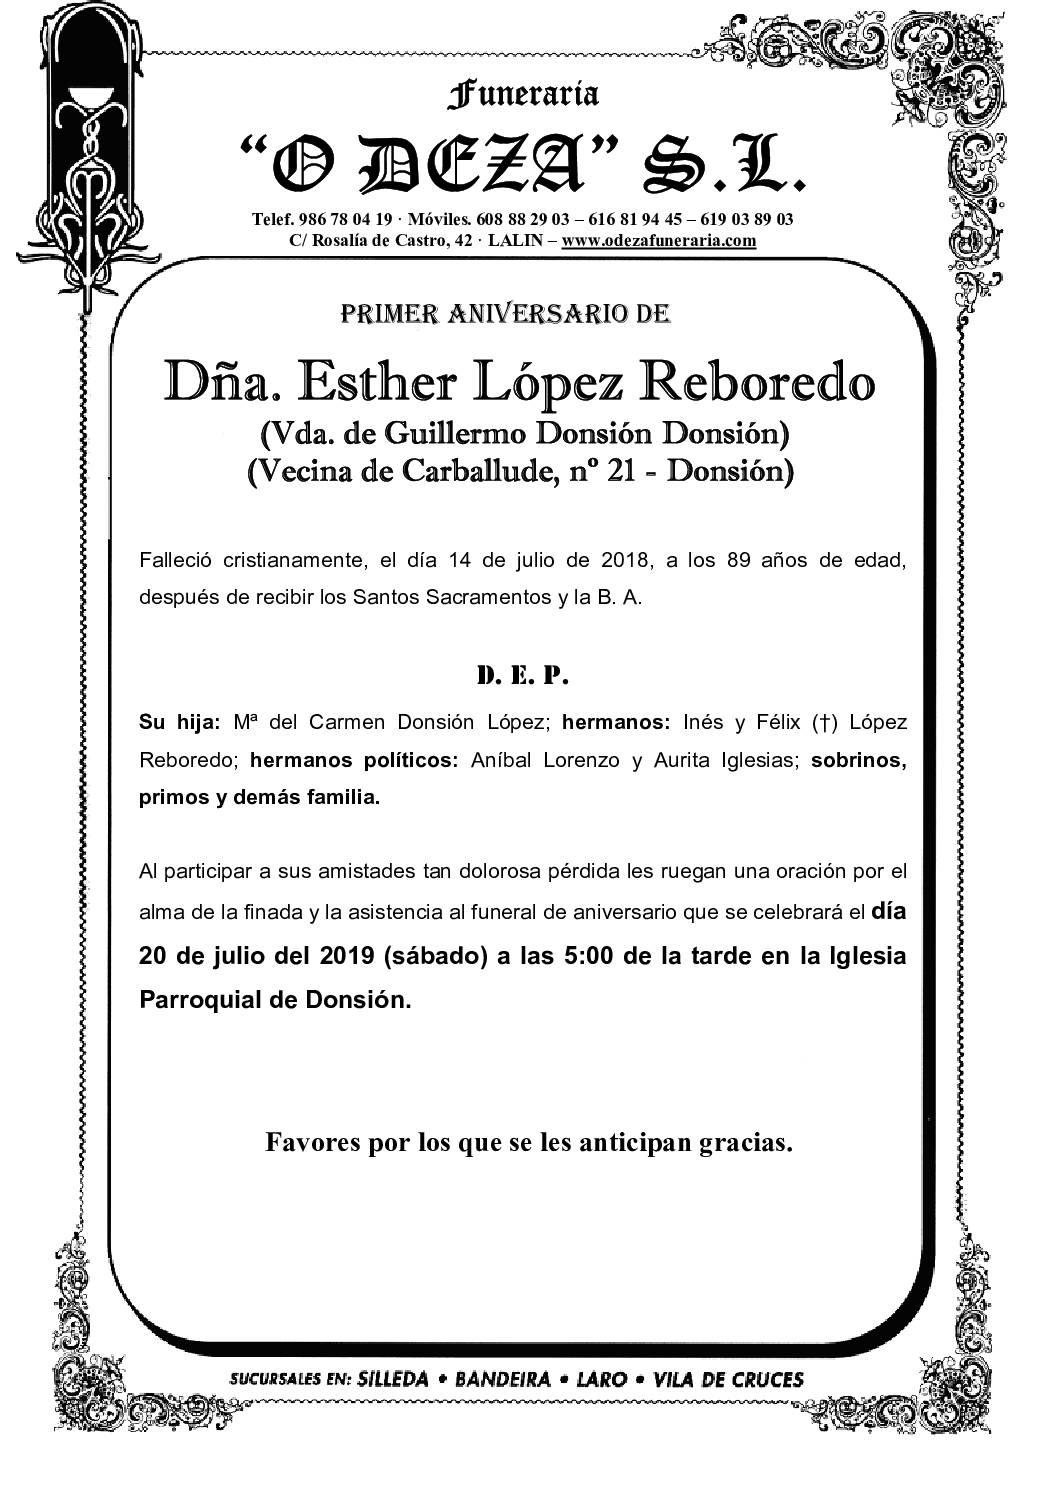 DÑA. ESTHER LÓPEZ REBOREDO